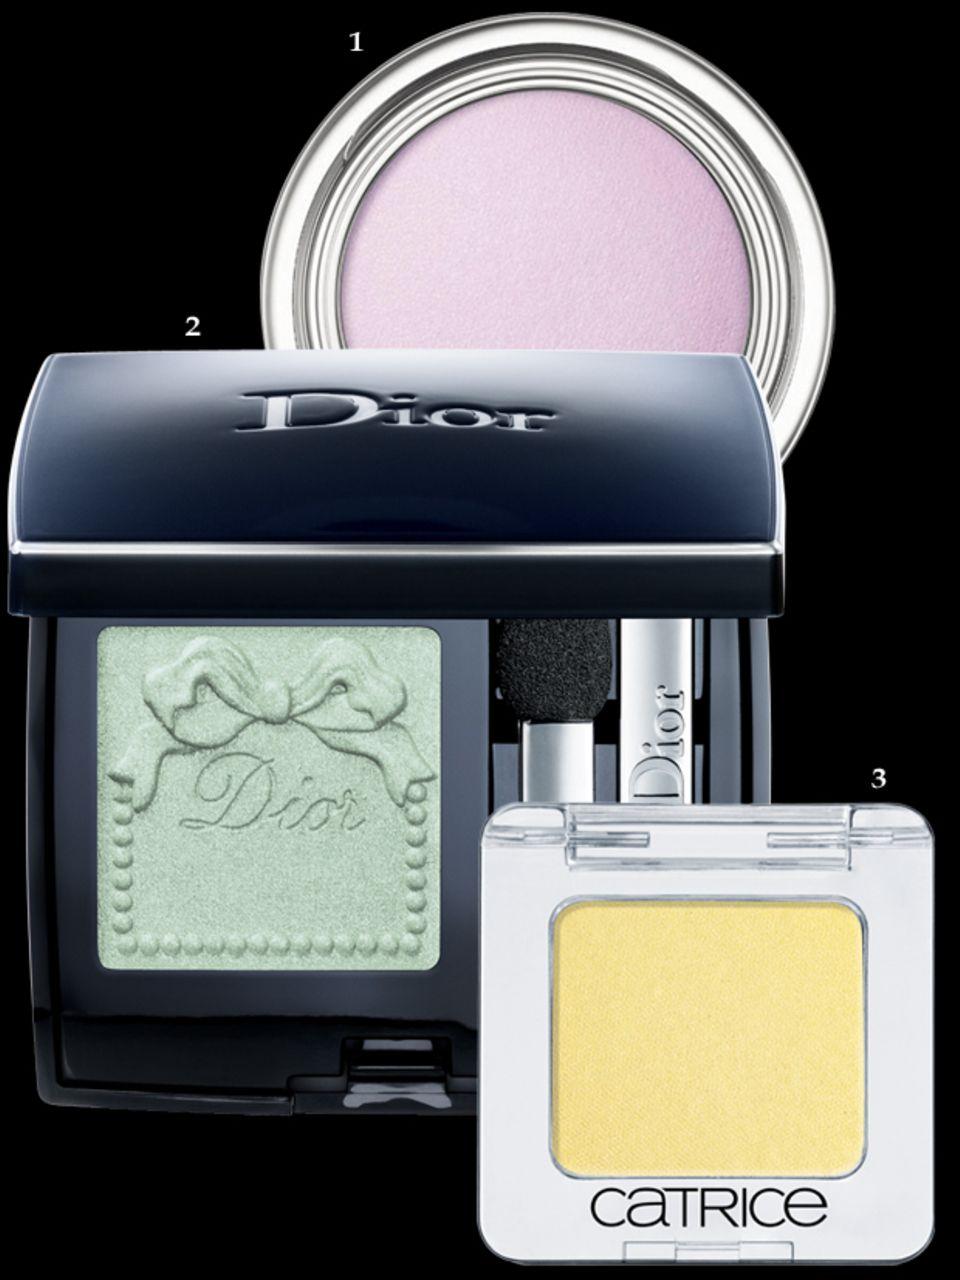 """1. Lila: """"Celeste Fusion Mono Matte – 121"""" von Dior. 2. Grün: """"Mono Trianon Édition – 427"""" von Dior. 3. Gelb: """"Mono 770"""" von Catrice. Alles erhältlich ab Februar 2014"""